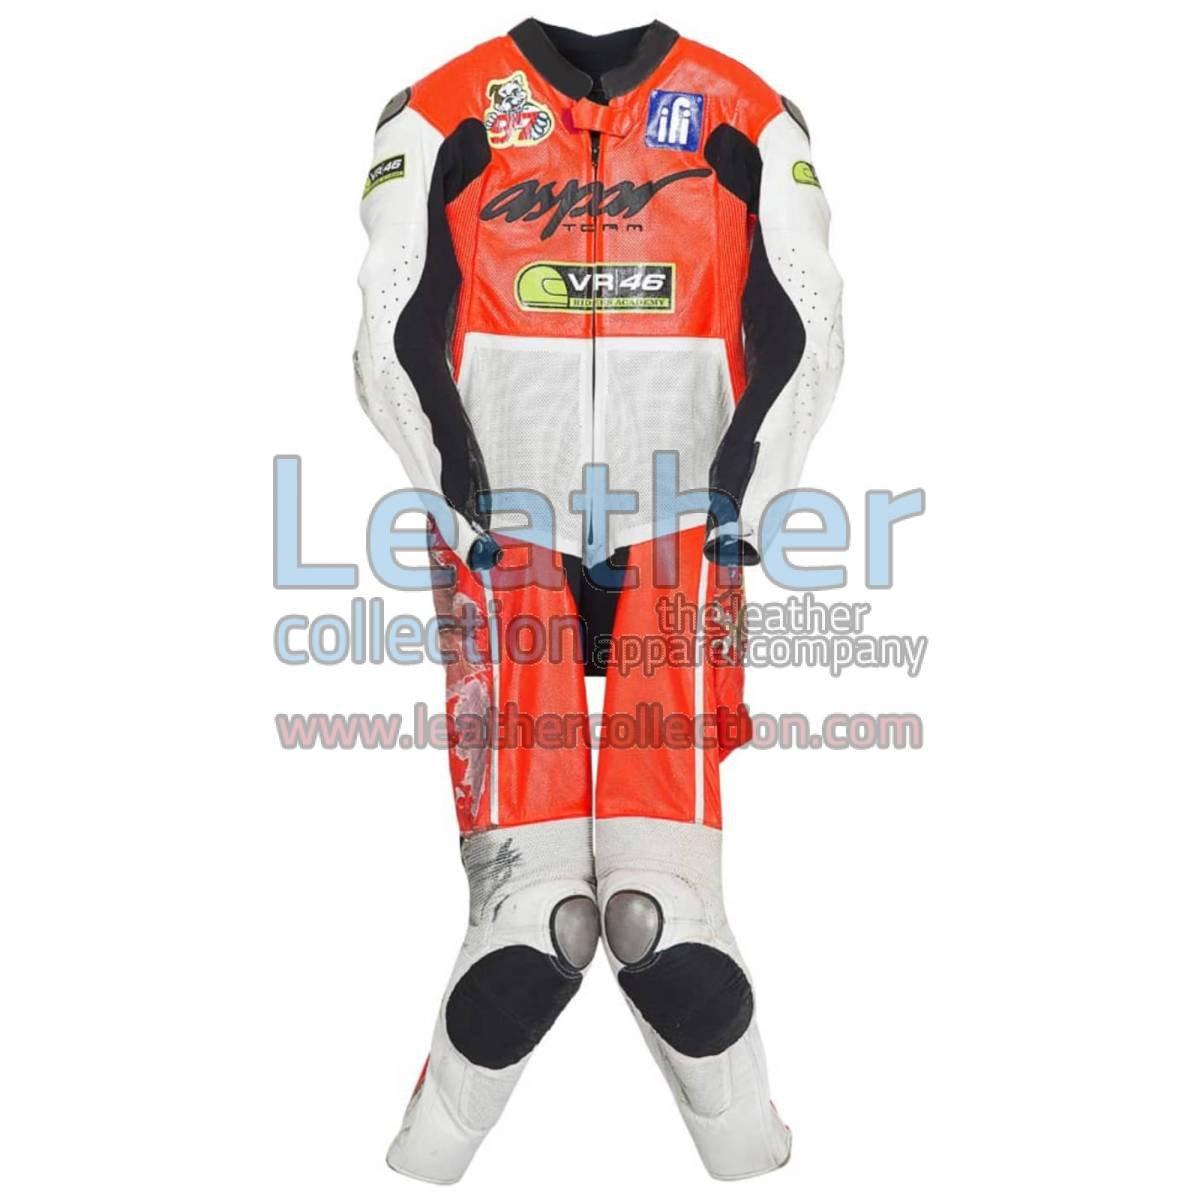 Luca Marini 2014 CEV Motorbike Leathers